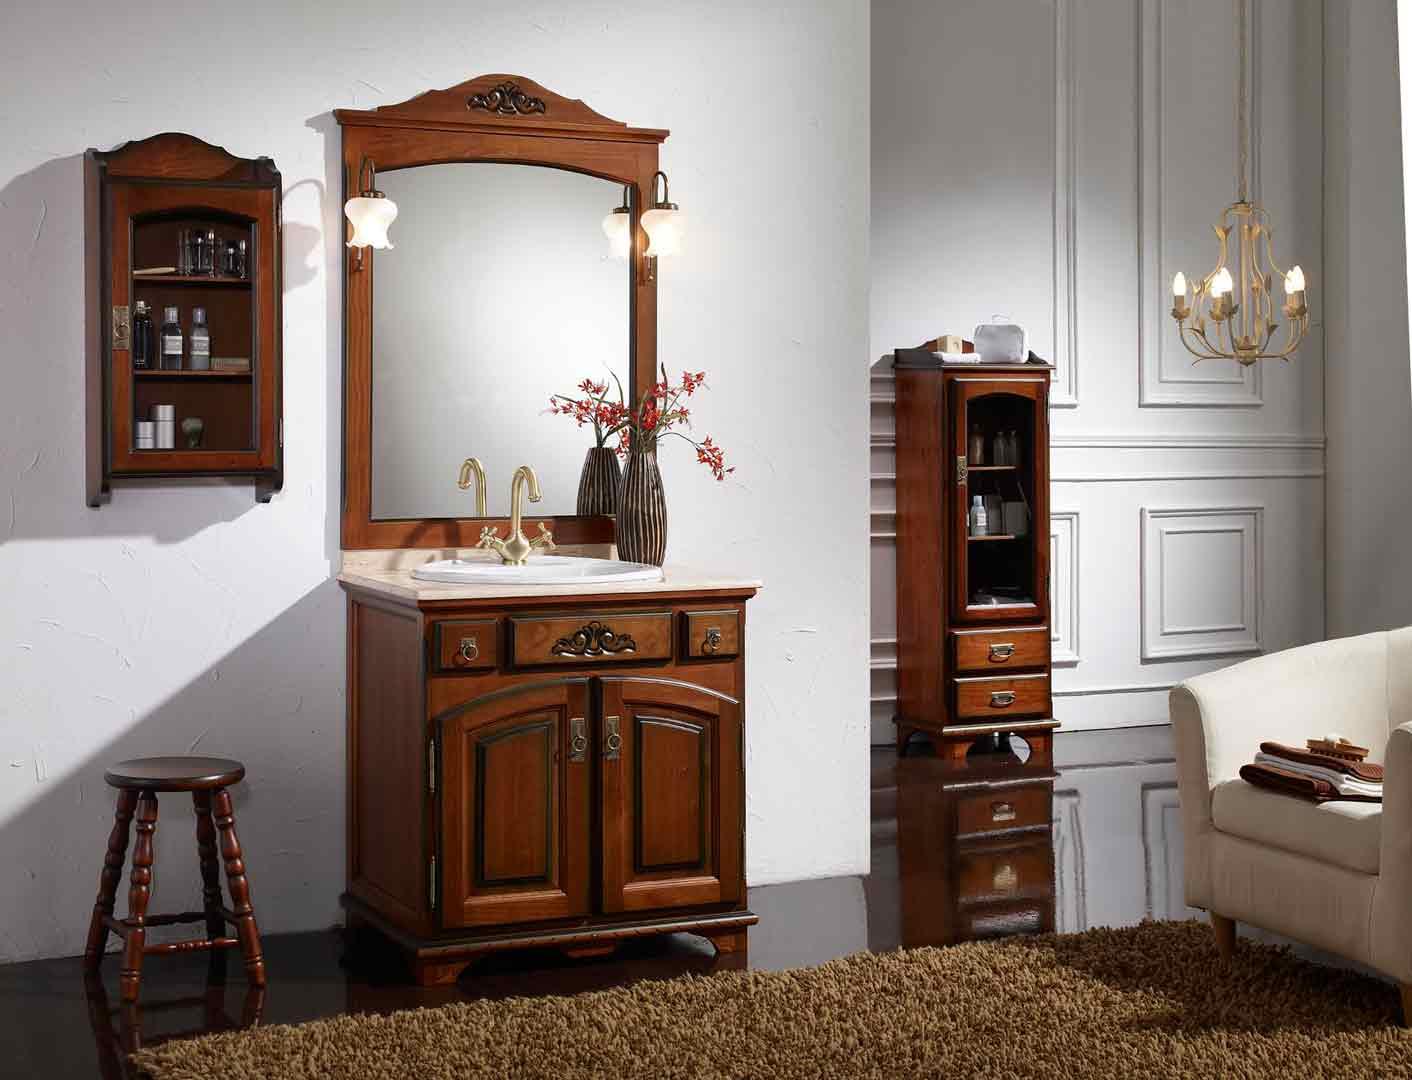 Mueble ba o indicadores calidad forjas art sticasforjas for Mueble lavabo rustico